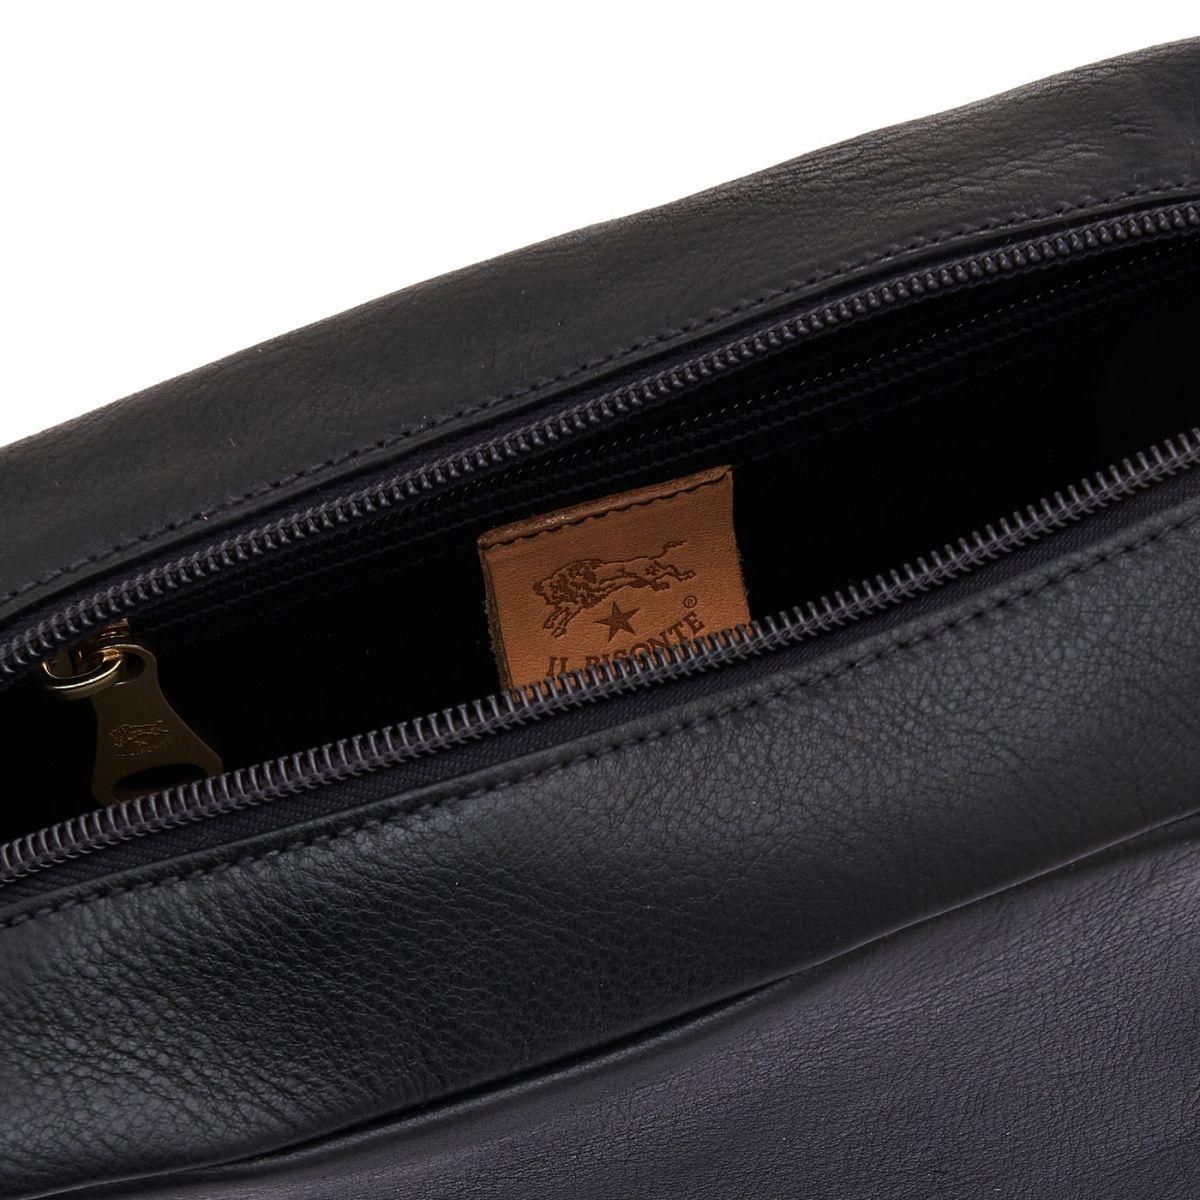 Borsa A Tracolla da Donna Salina in Pelle Di Vacchetta BCR199 colore Nero | Details